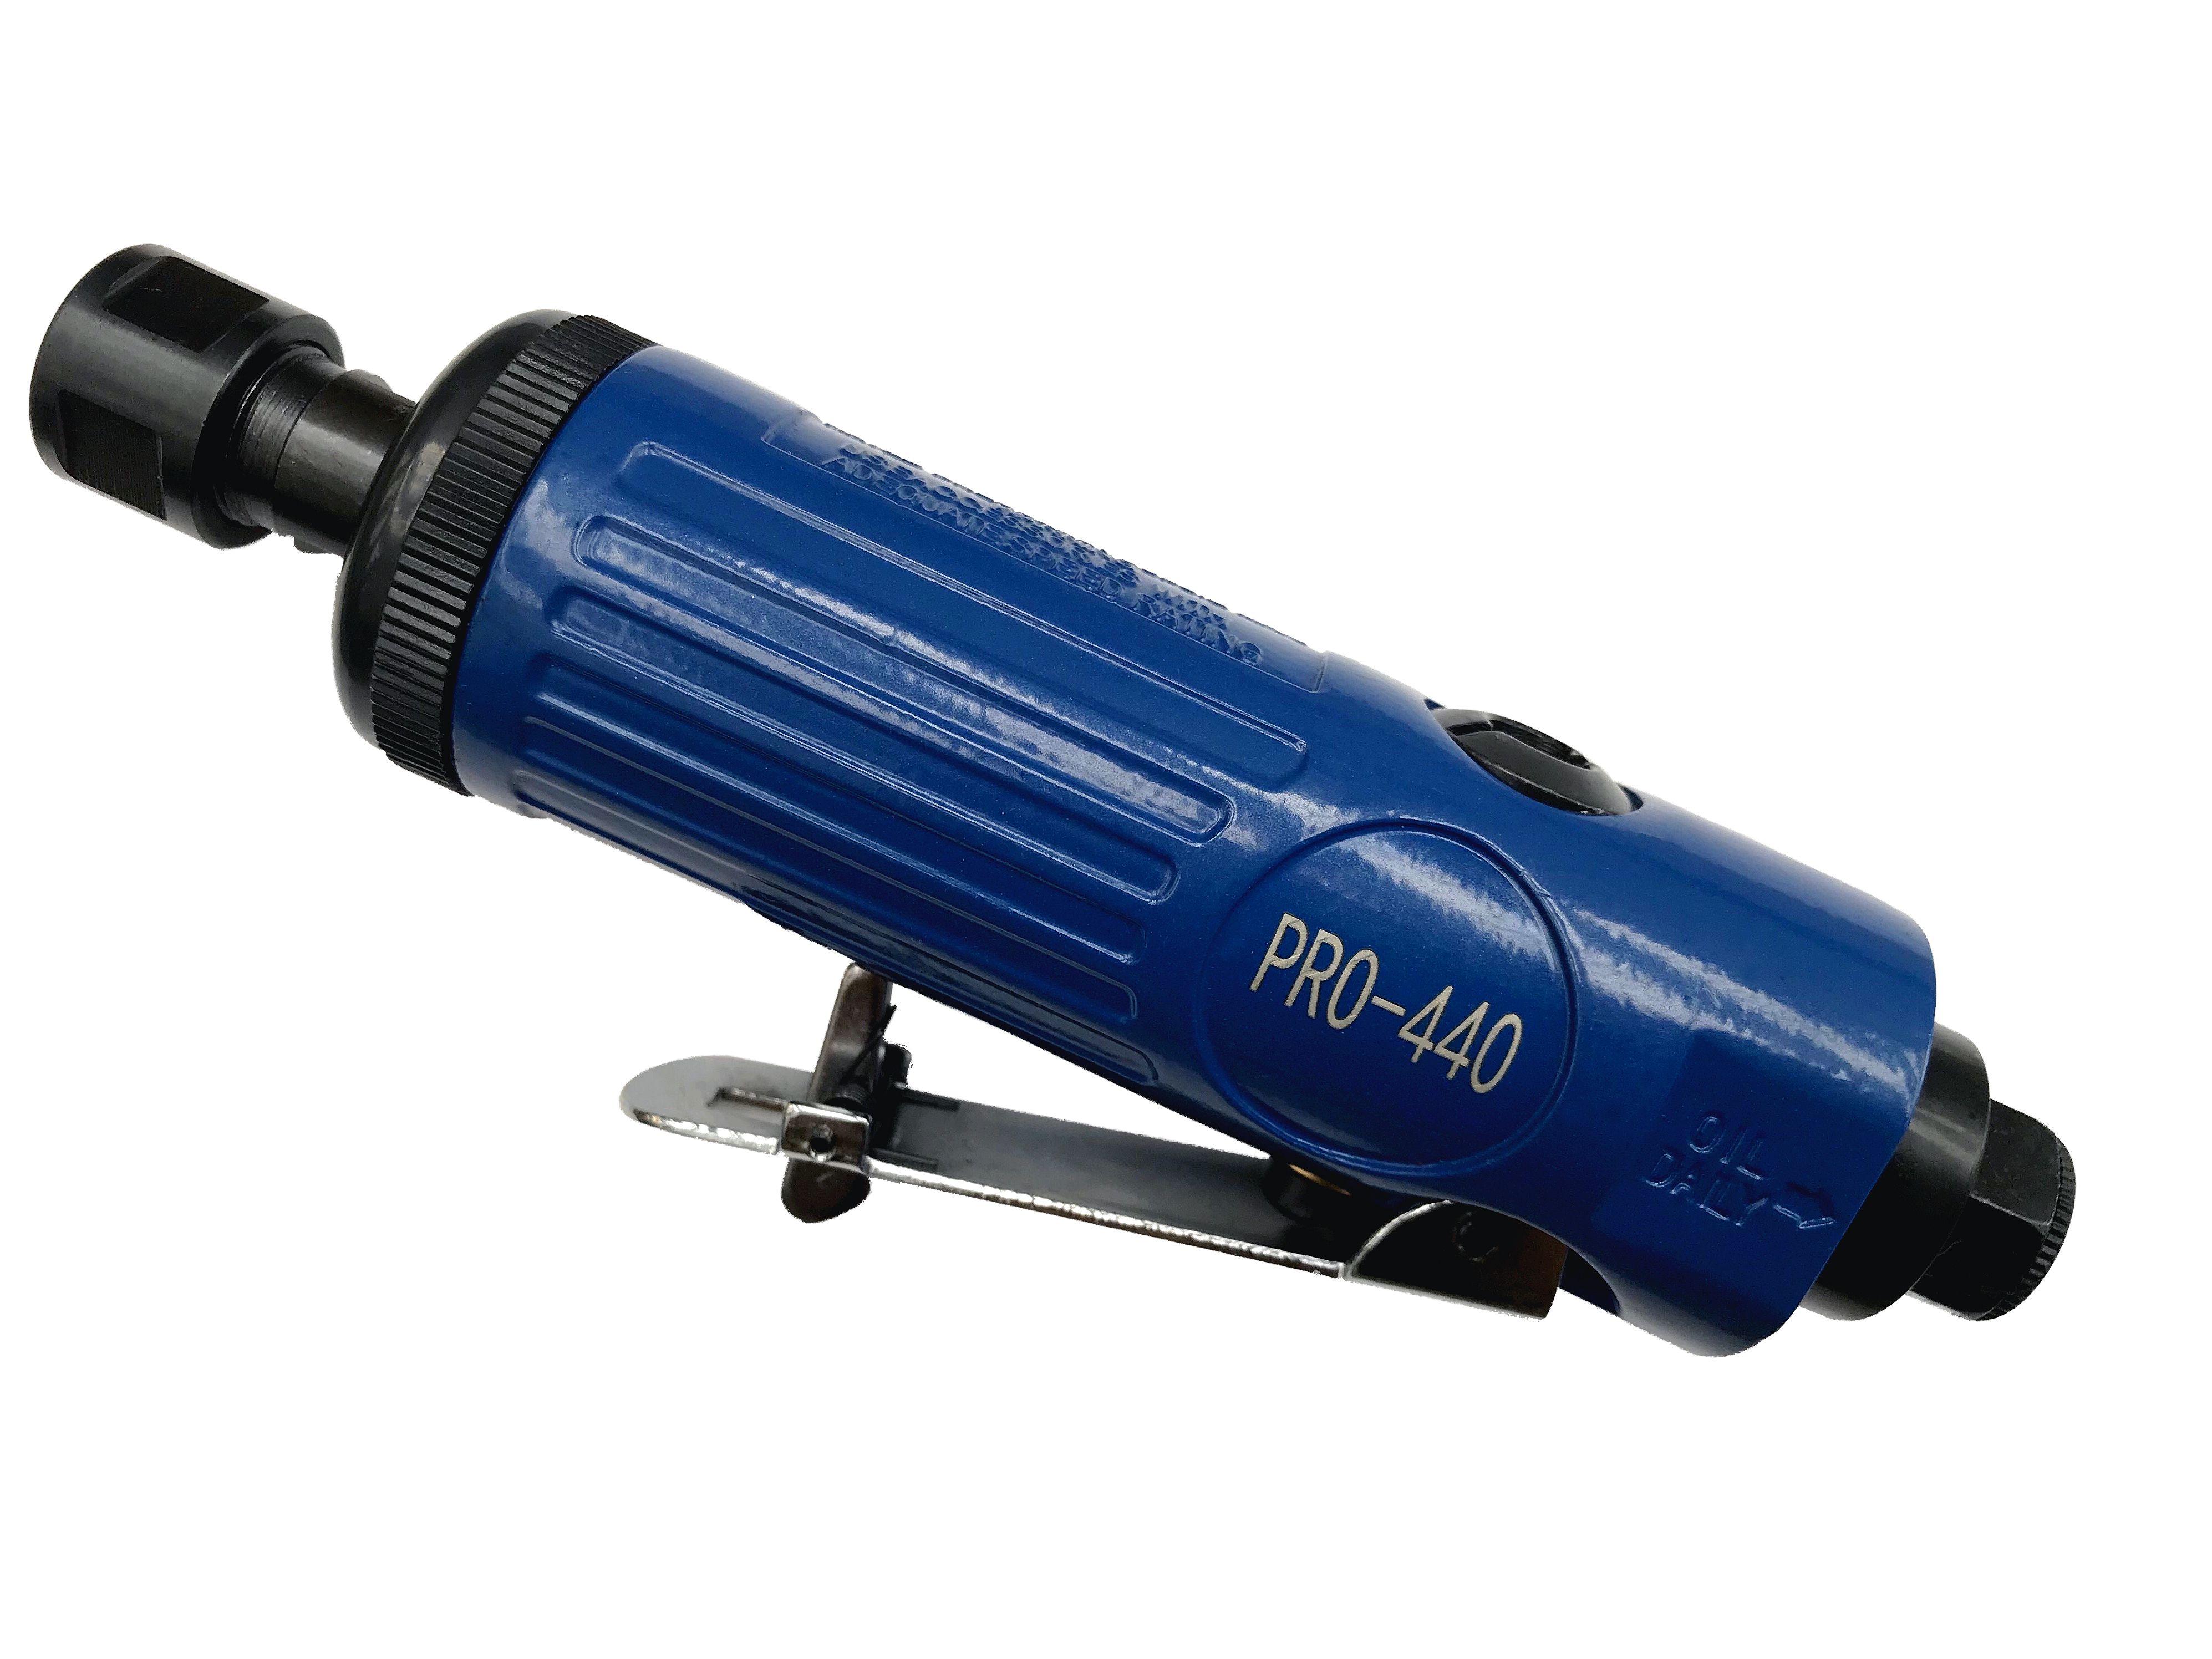 Retífica Pneumática - PRO-440